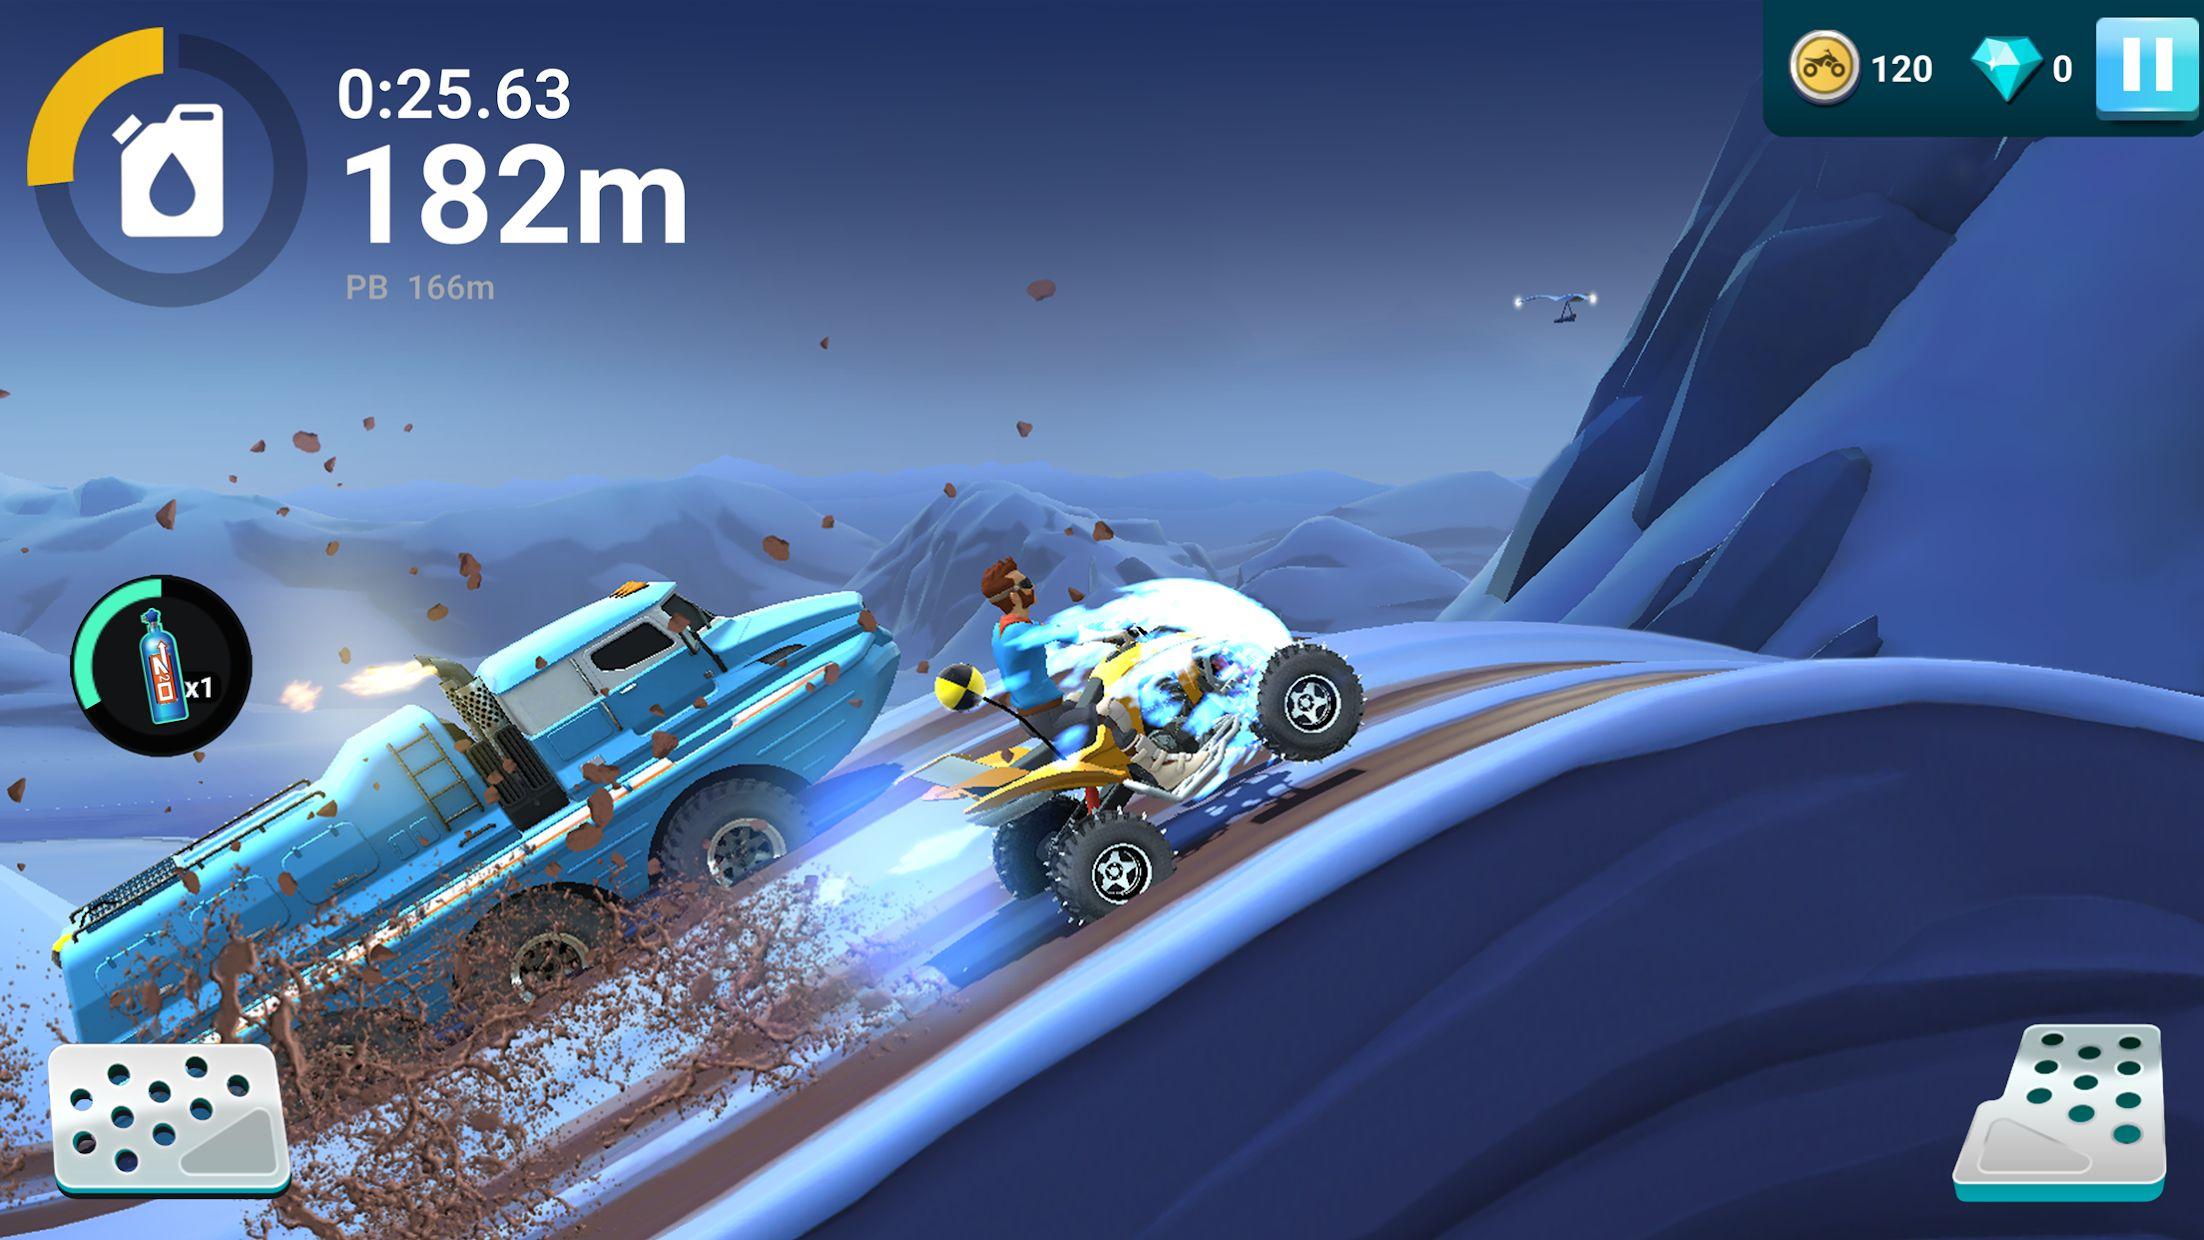 MMX 坡道狂飙 2 – 越野卡车、汽车和机车赛车 游戏截图5